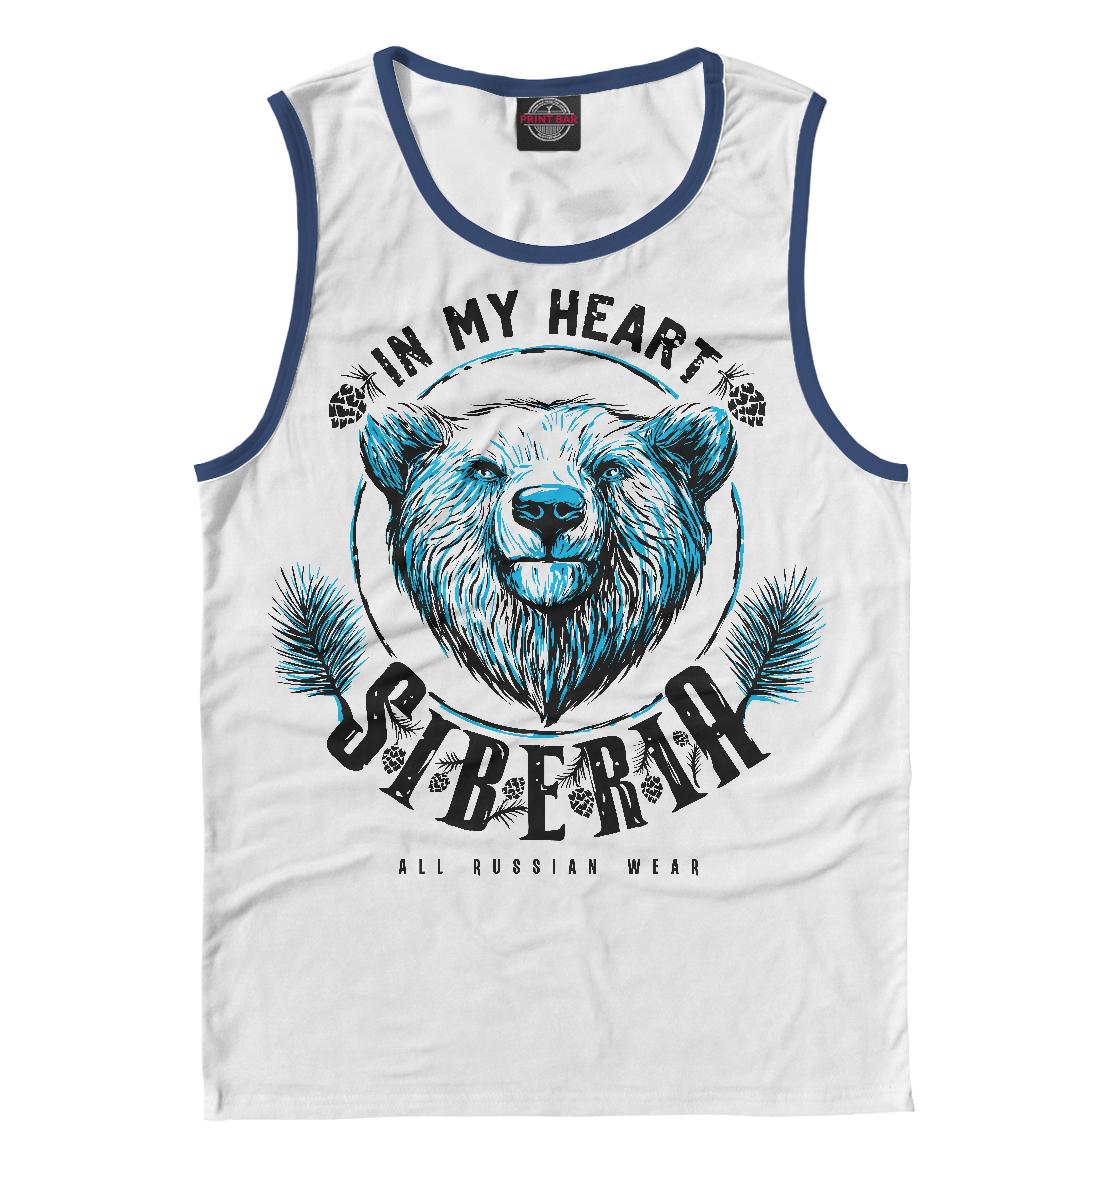 Сибирь в моем сердце